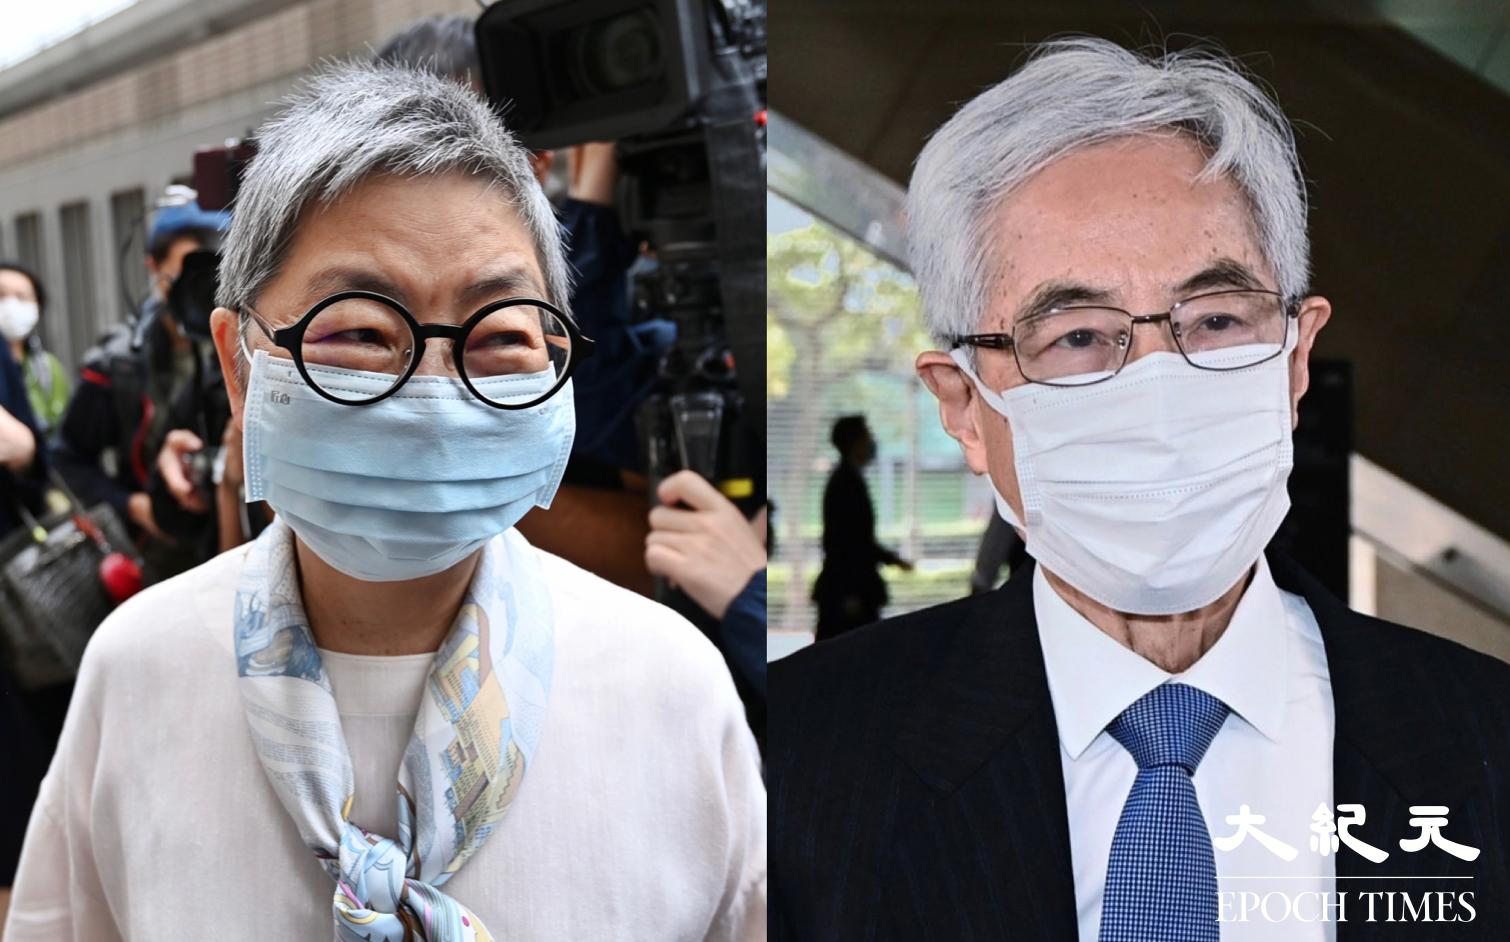 有報道指,資深大律師李柱銘(右)、吳靄儀(左)將受到香港大律師公會調查。(大紀元製圖)